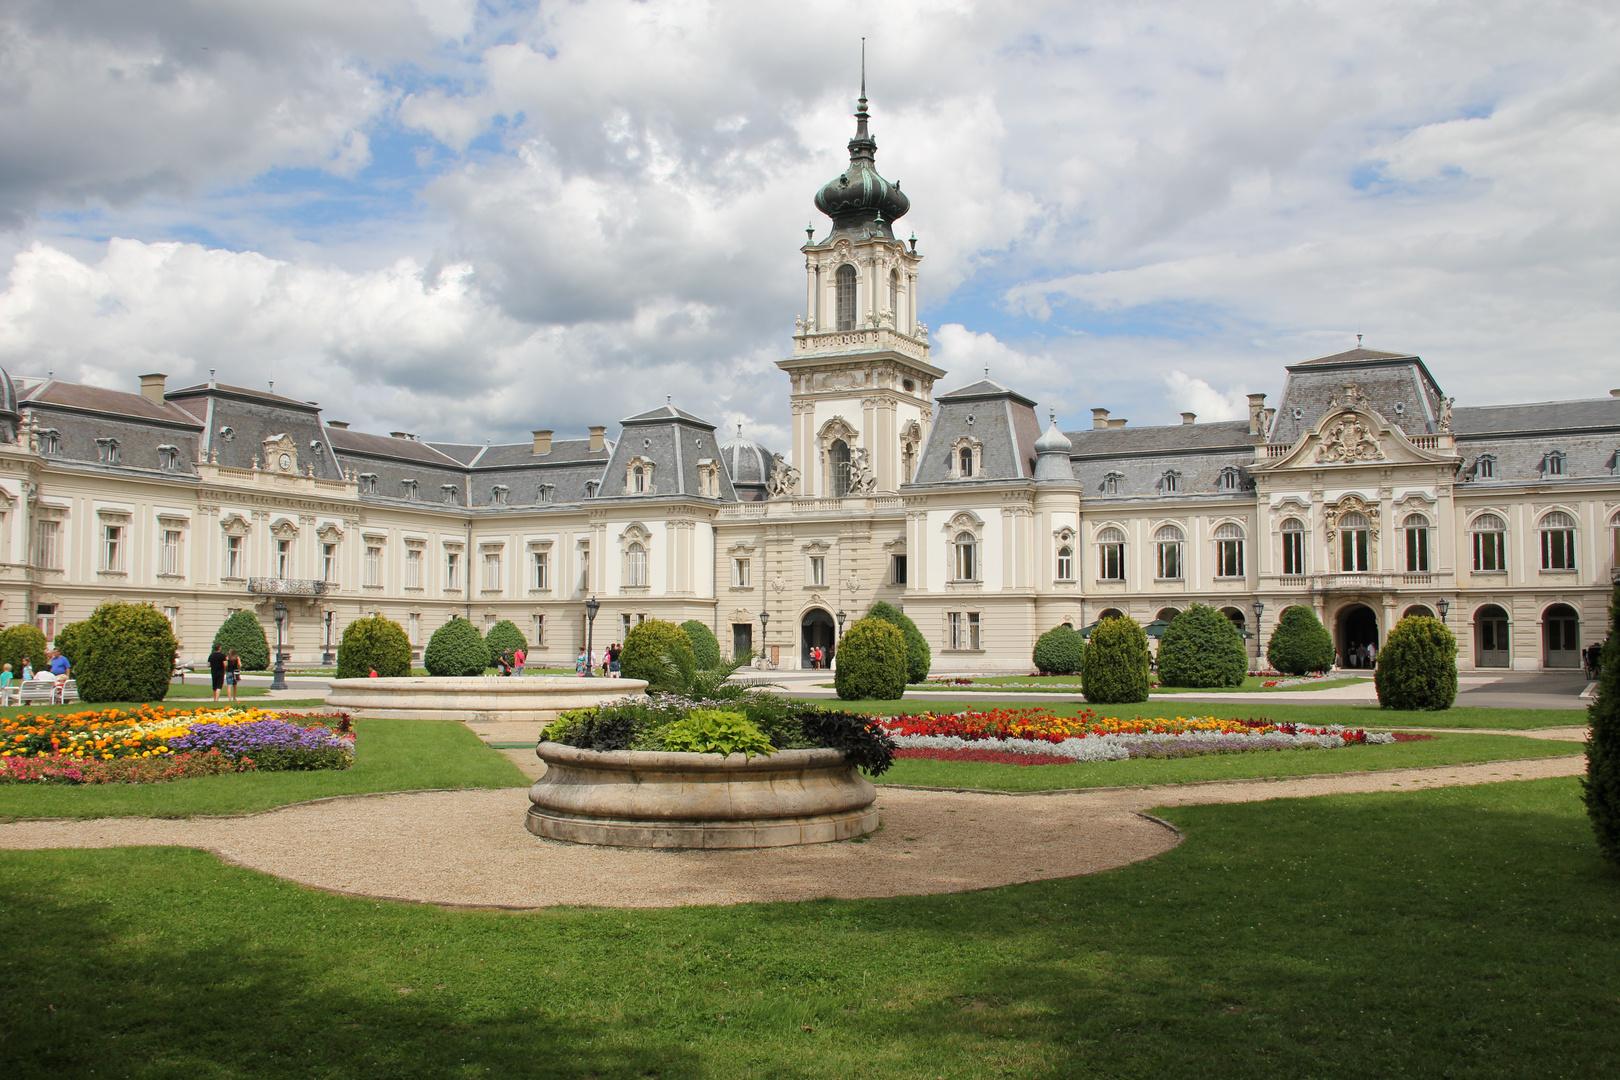 Schloß Kathedrale in Kezthely Rückansicht Teil 1